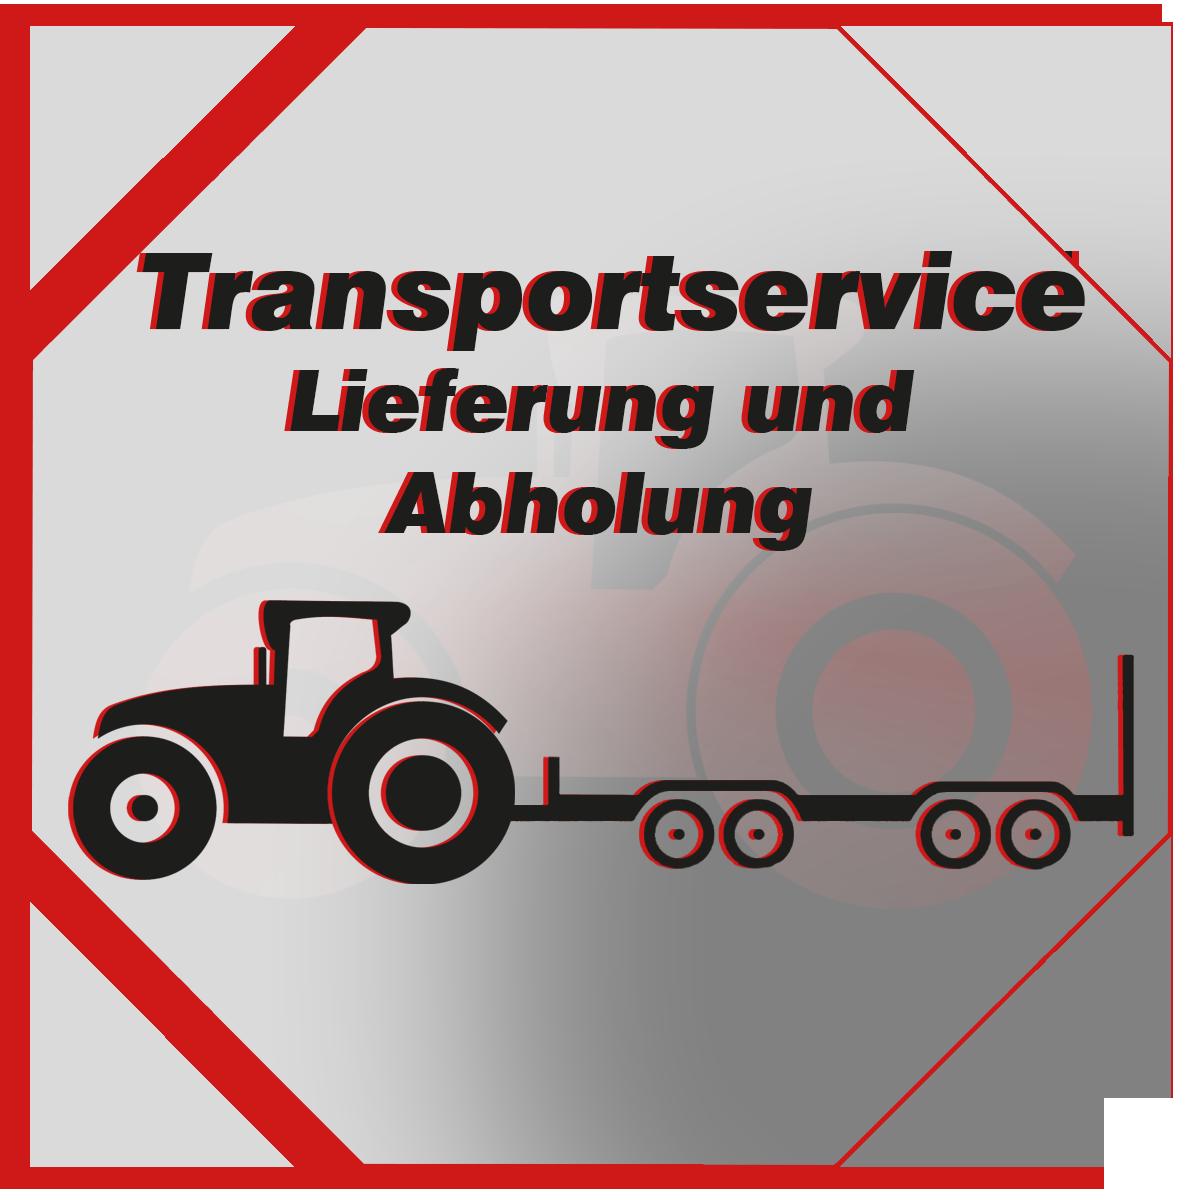 Transportservice für Landmaschinen - wir liefern und holen ab